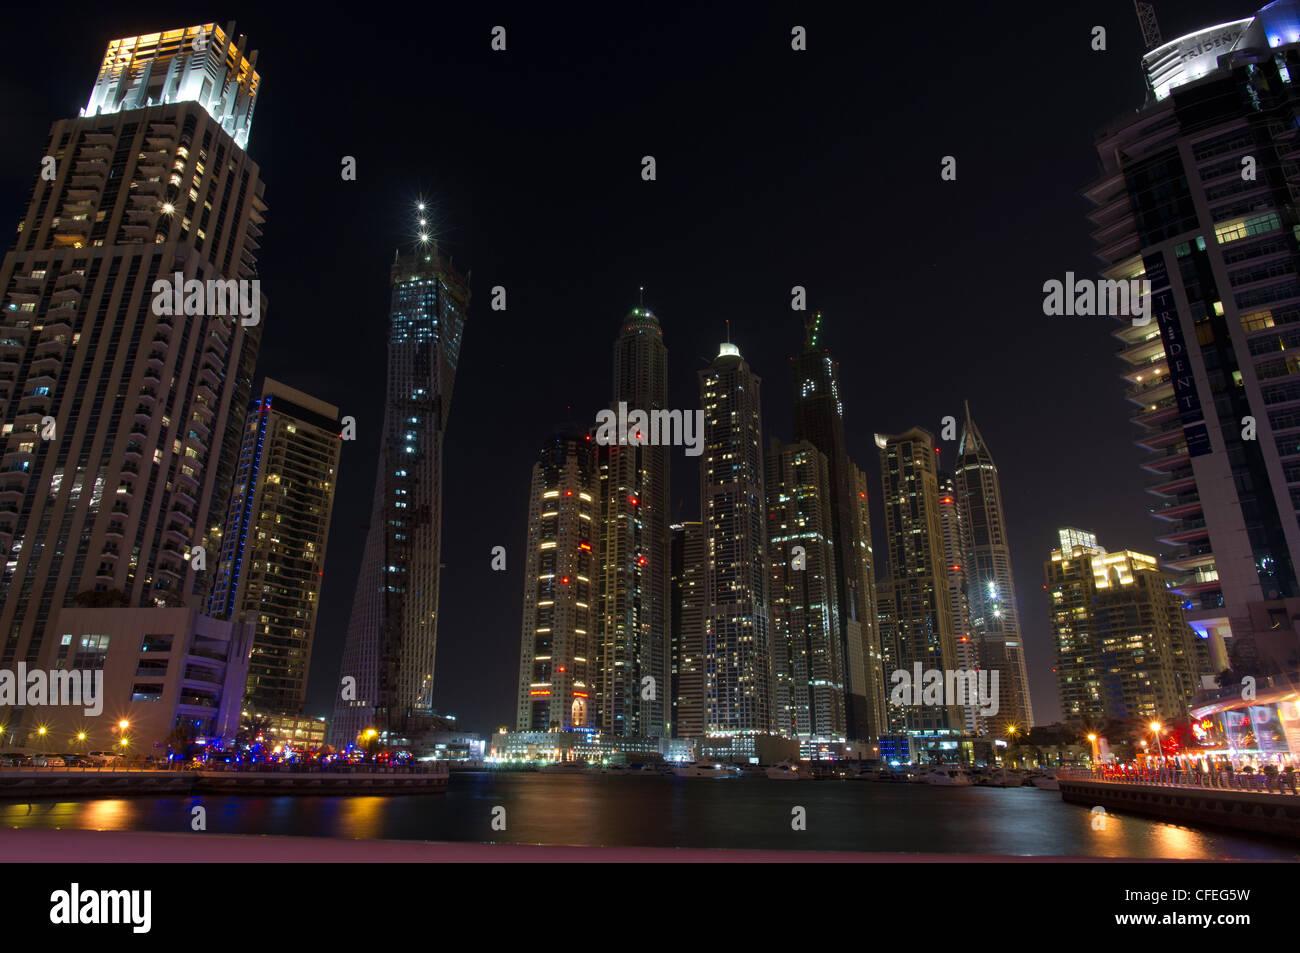 Dubai Marina skyline at night, Unite Arab Emirates, Middle East - Stock Image